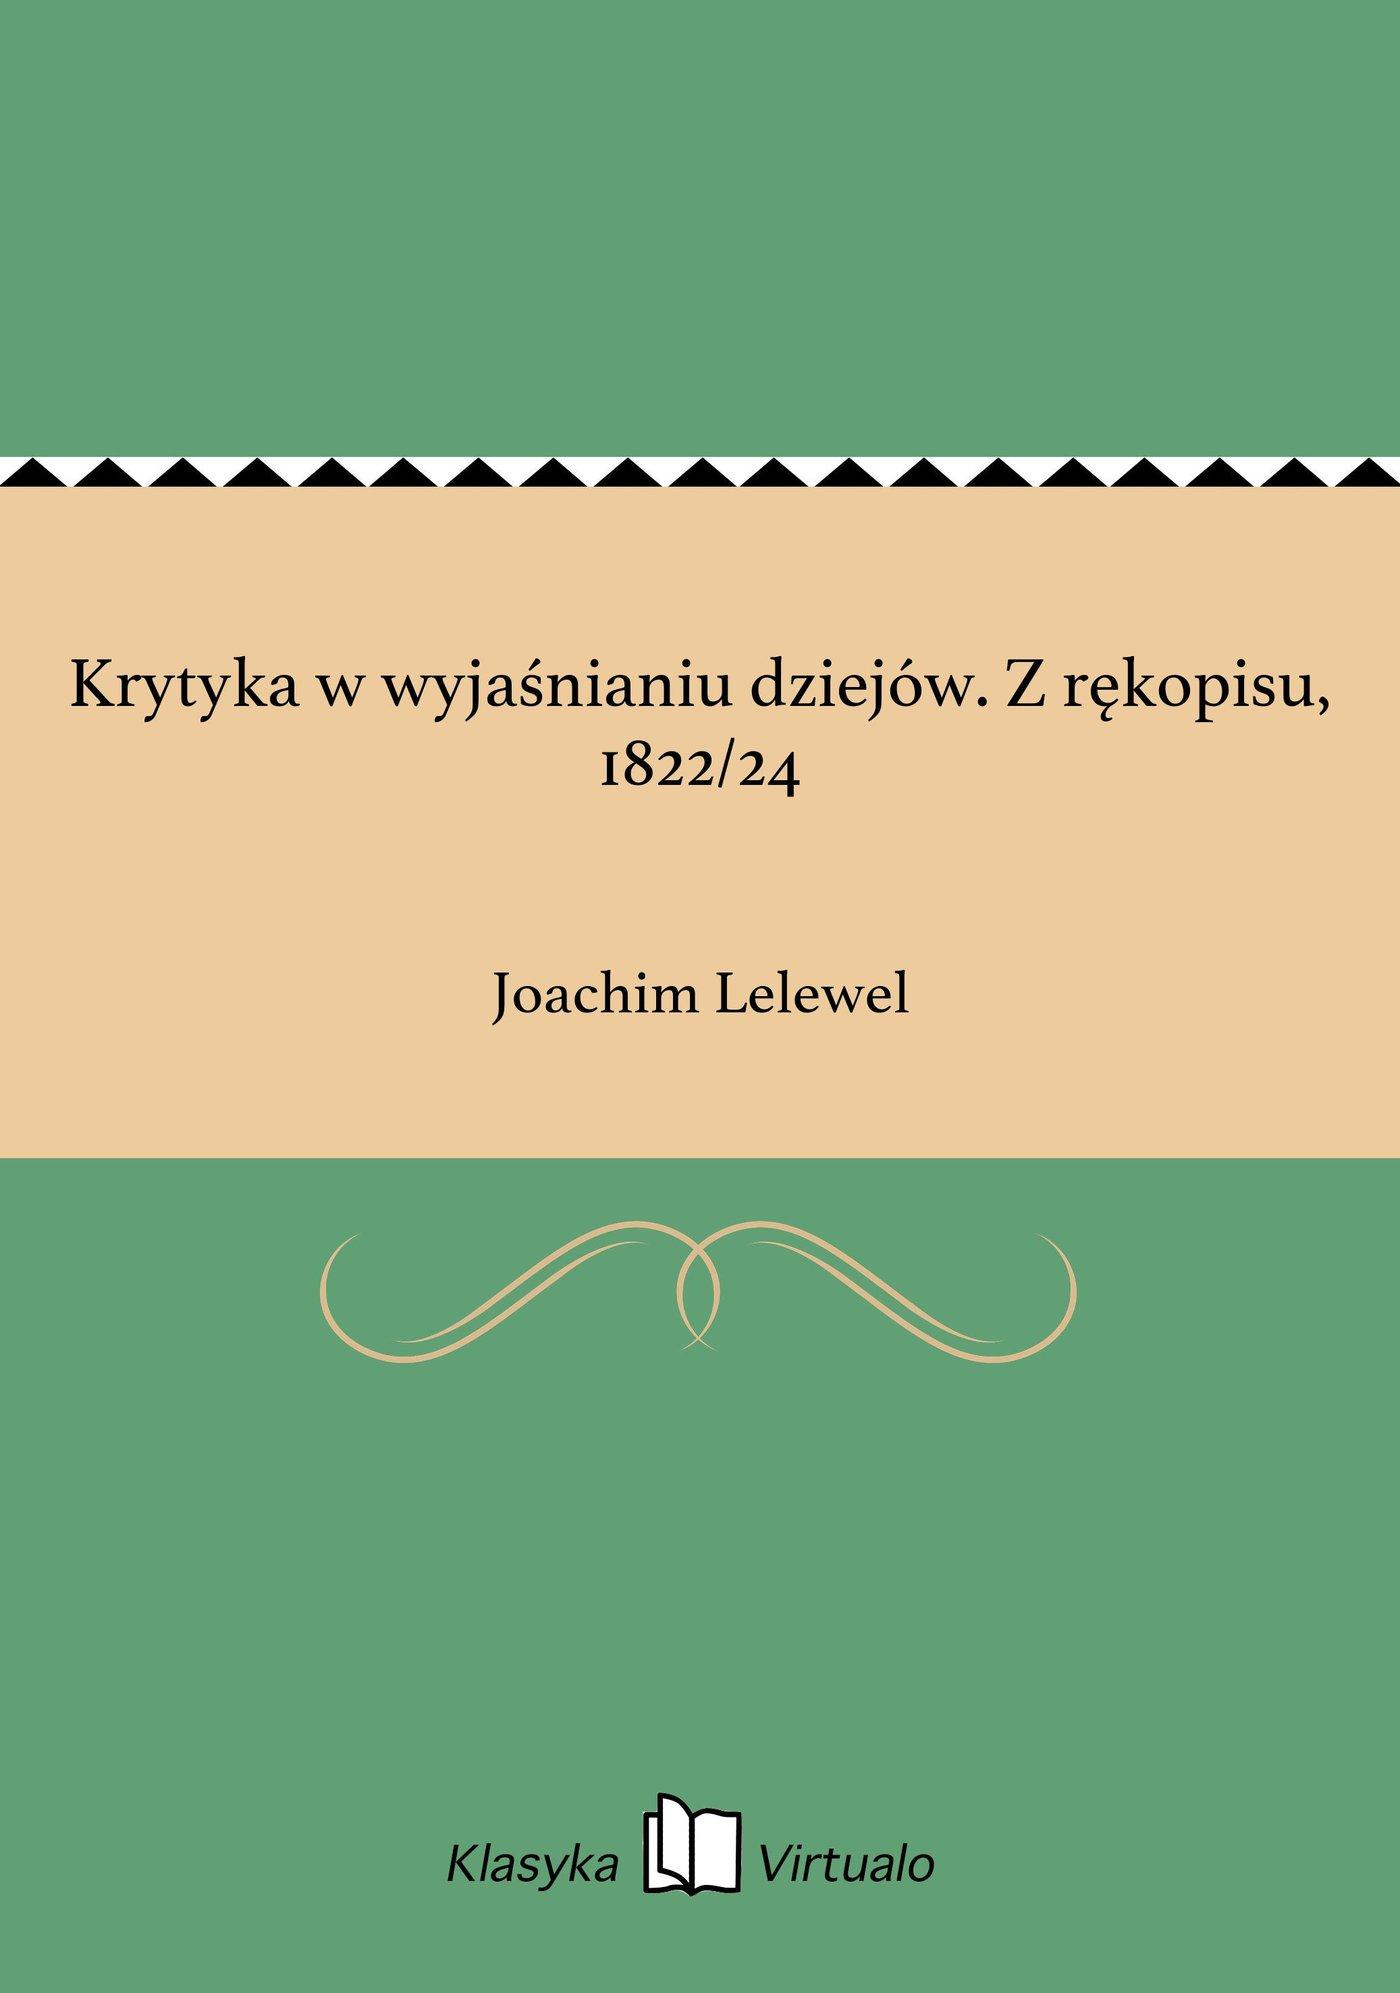 Krytyka w wyjaśnianiu dziejów. Z rękopisu, 1822/24 - Ebook (Książka EPUB) do pobrania w formacie EPUB